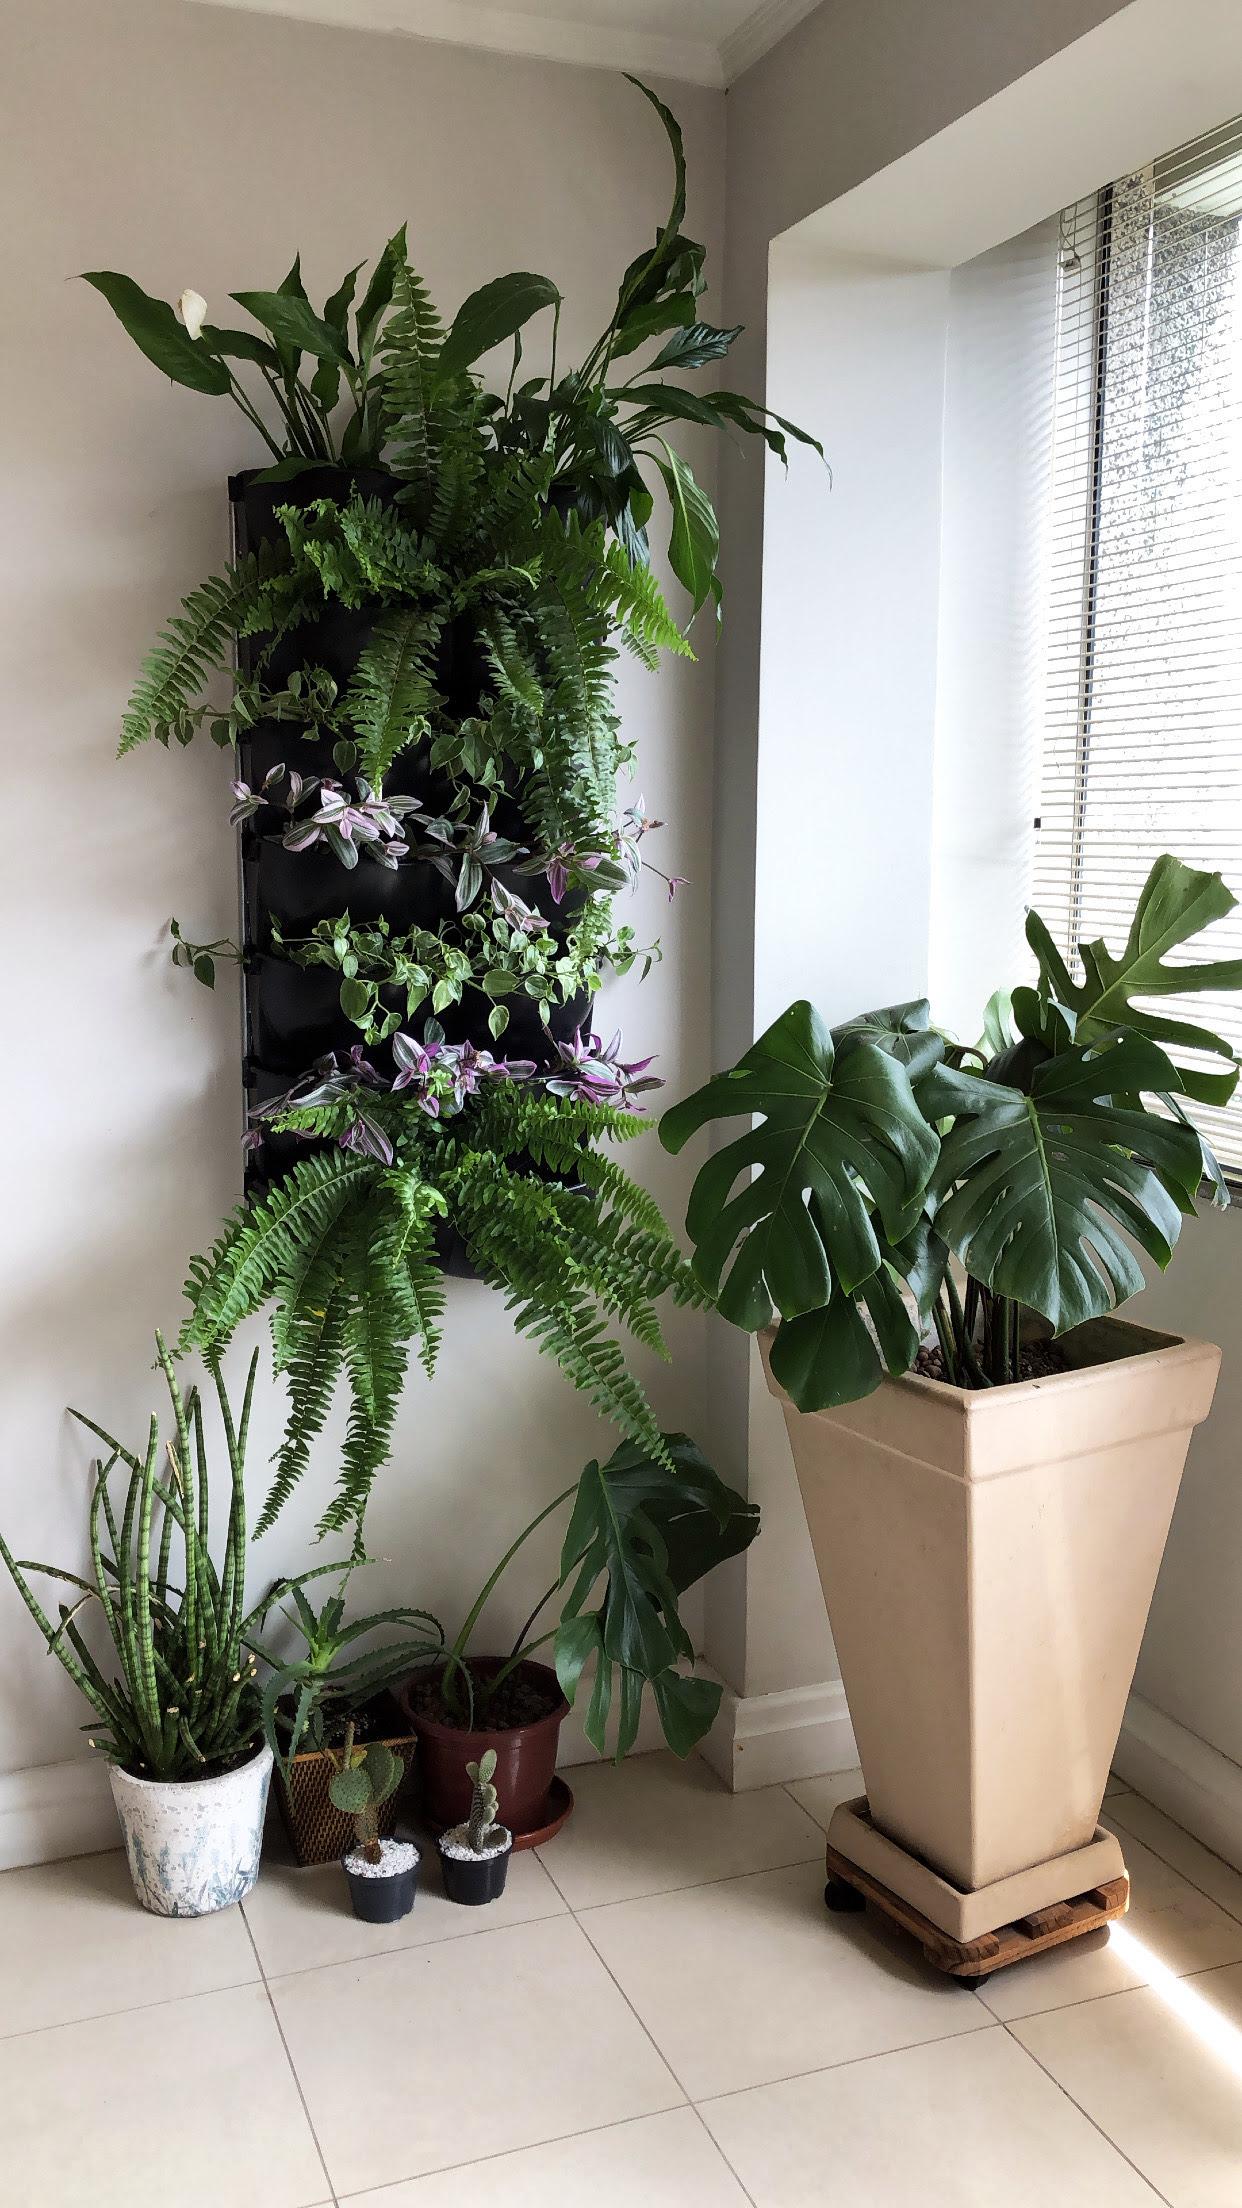 Em ambientes internos, samambaias são boas opções para jardim vertical. Foto: Divulgação/Ecotelhado.